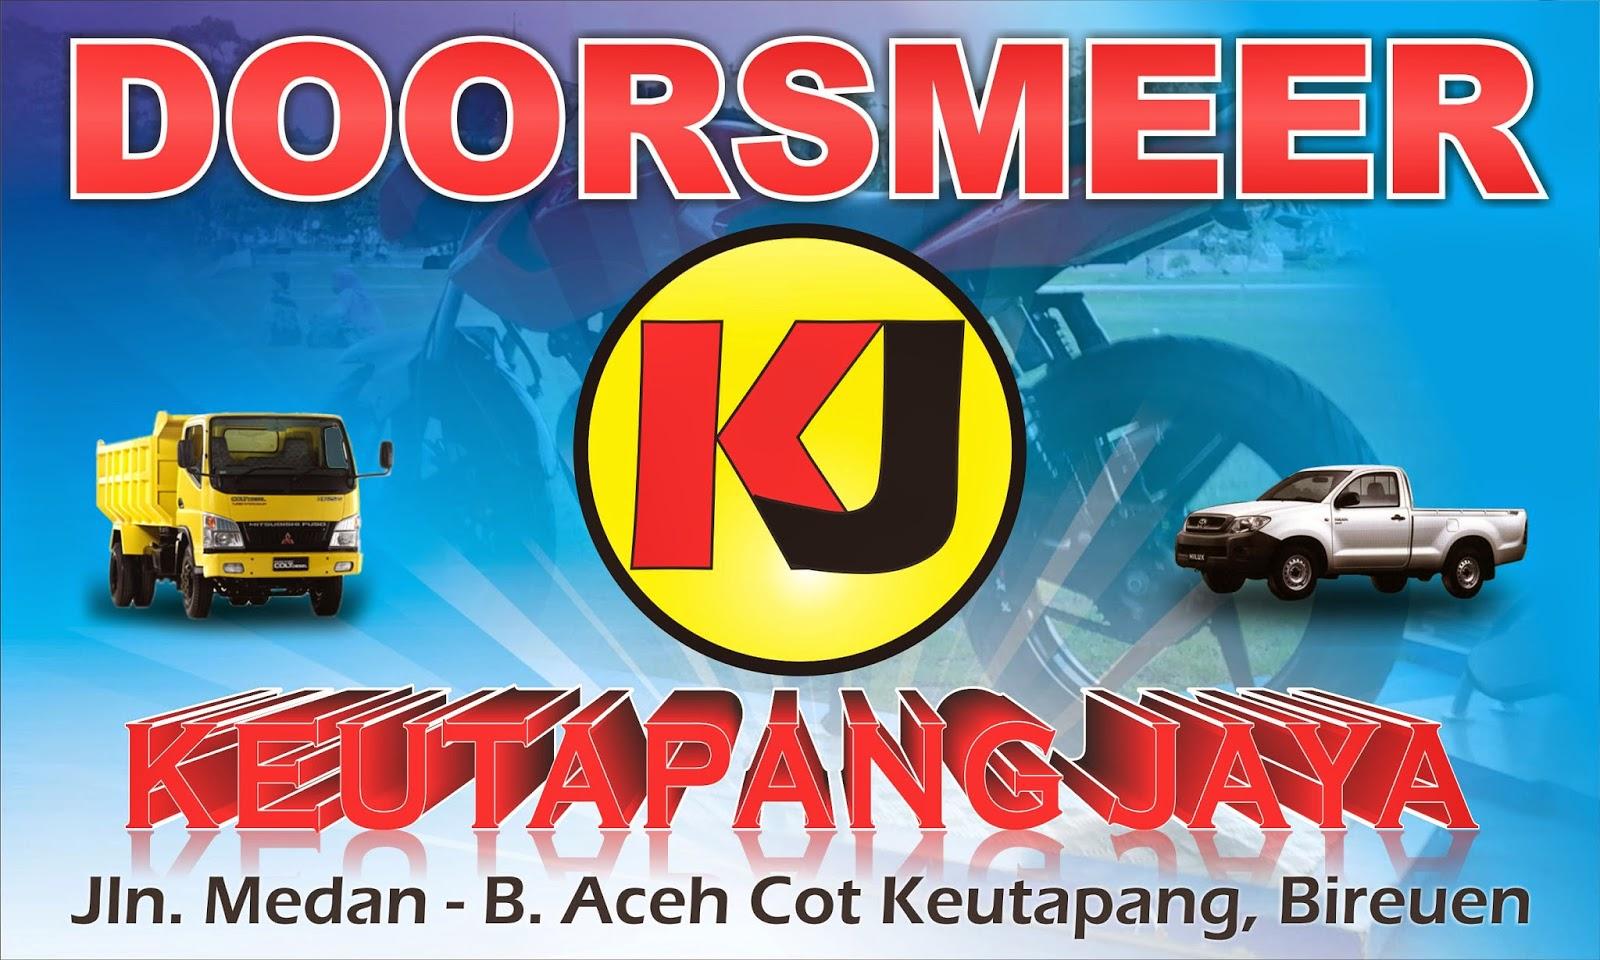 Contoh 2 Spanduk Baliho Kartu Nama Maha Karya Advertising Kaos Partai Kaos Promosi Kemeja Partai Atribut Partai Murah Grosir Kaos Kaos Oblong Kaos Polo Polo Katun